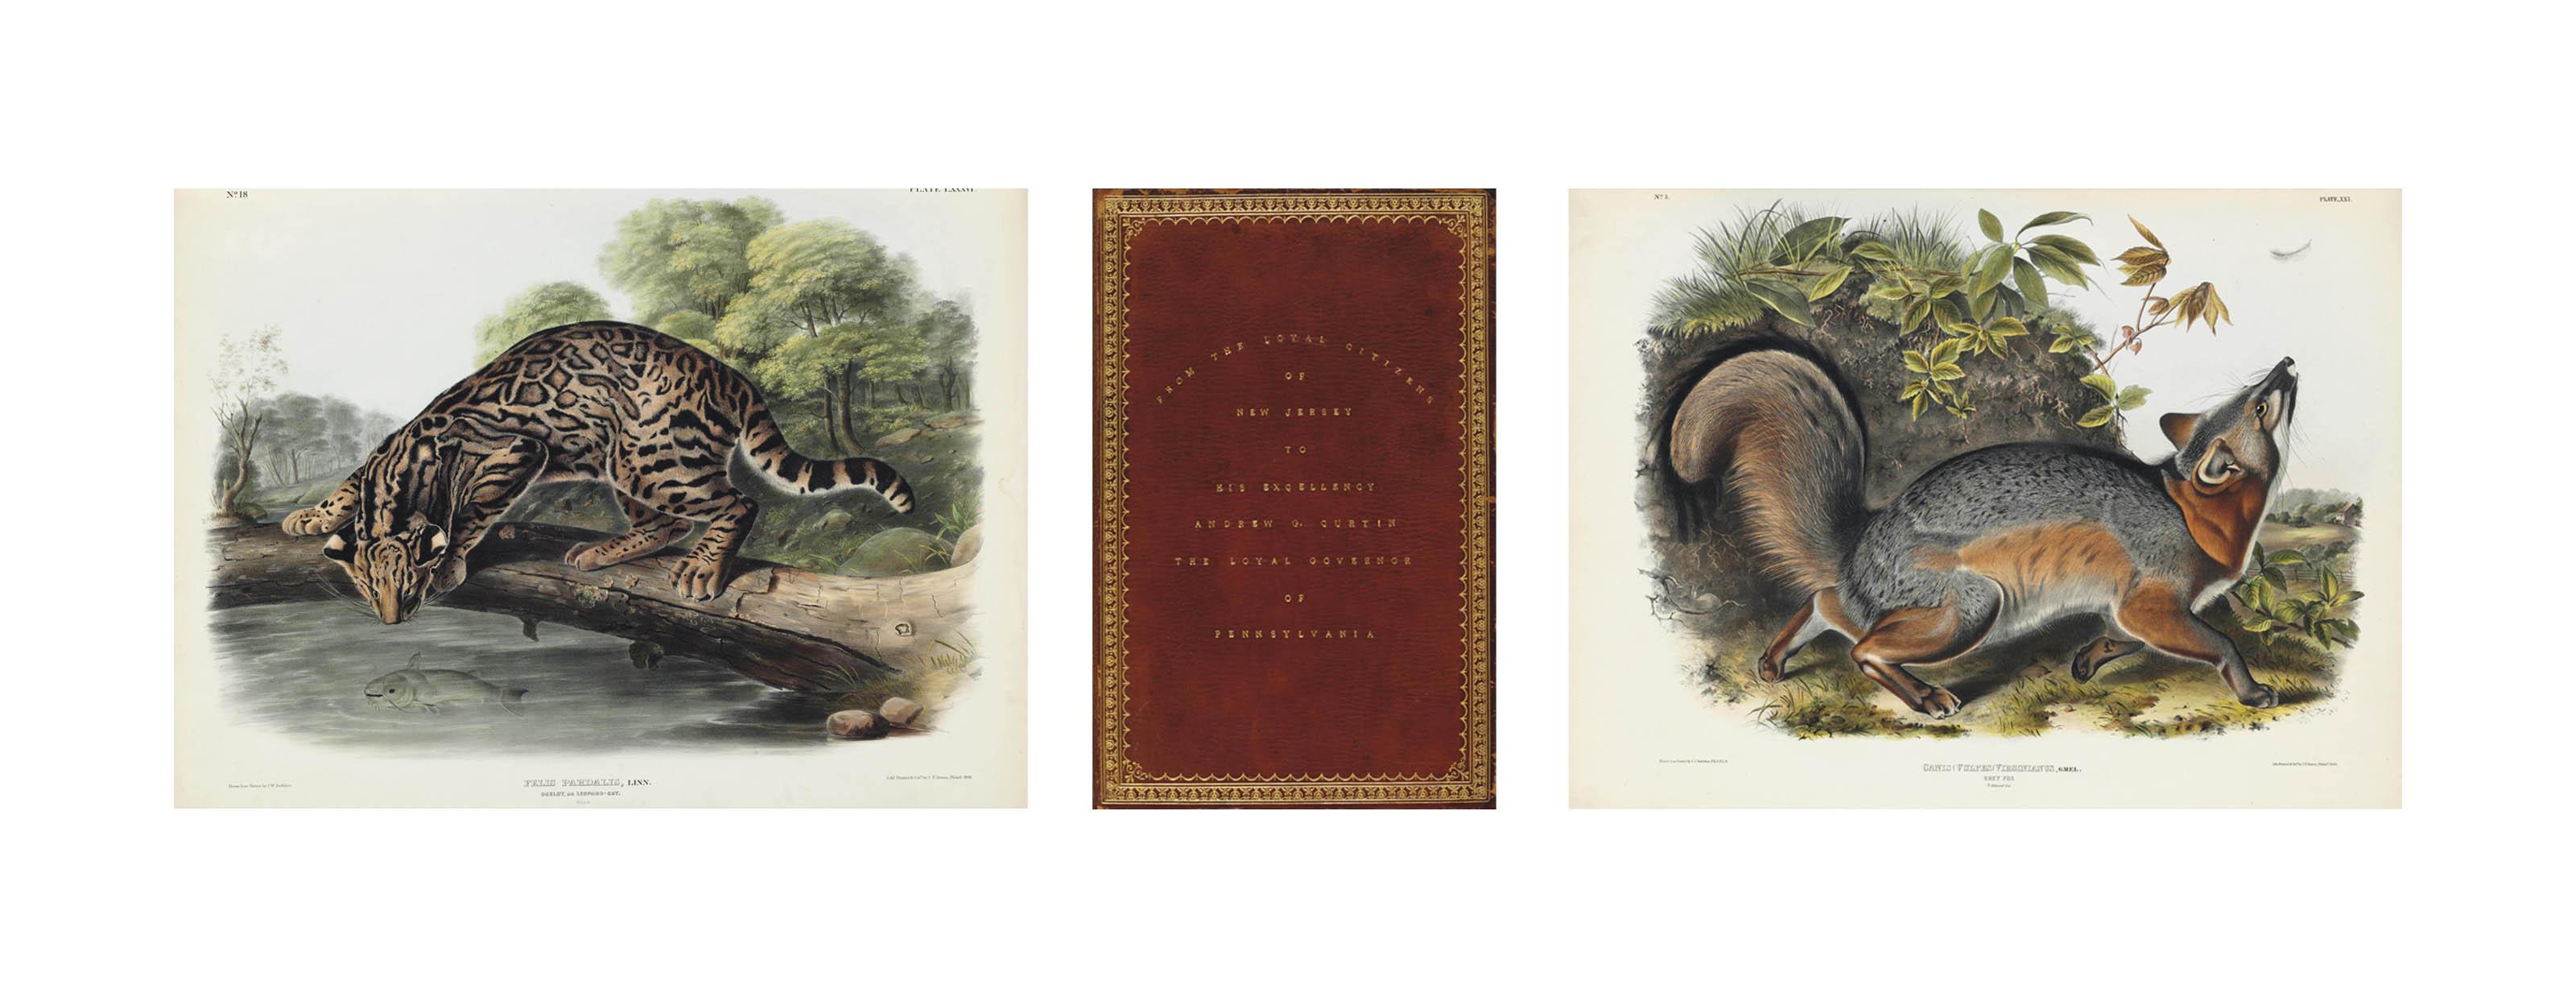 AUDUBON, John James and Rev. John BACHMAN. The Viviparous Quadrupeds of North America. New York: J.J. Audubon (-V.G. Audubon), 1845-[54].